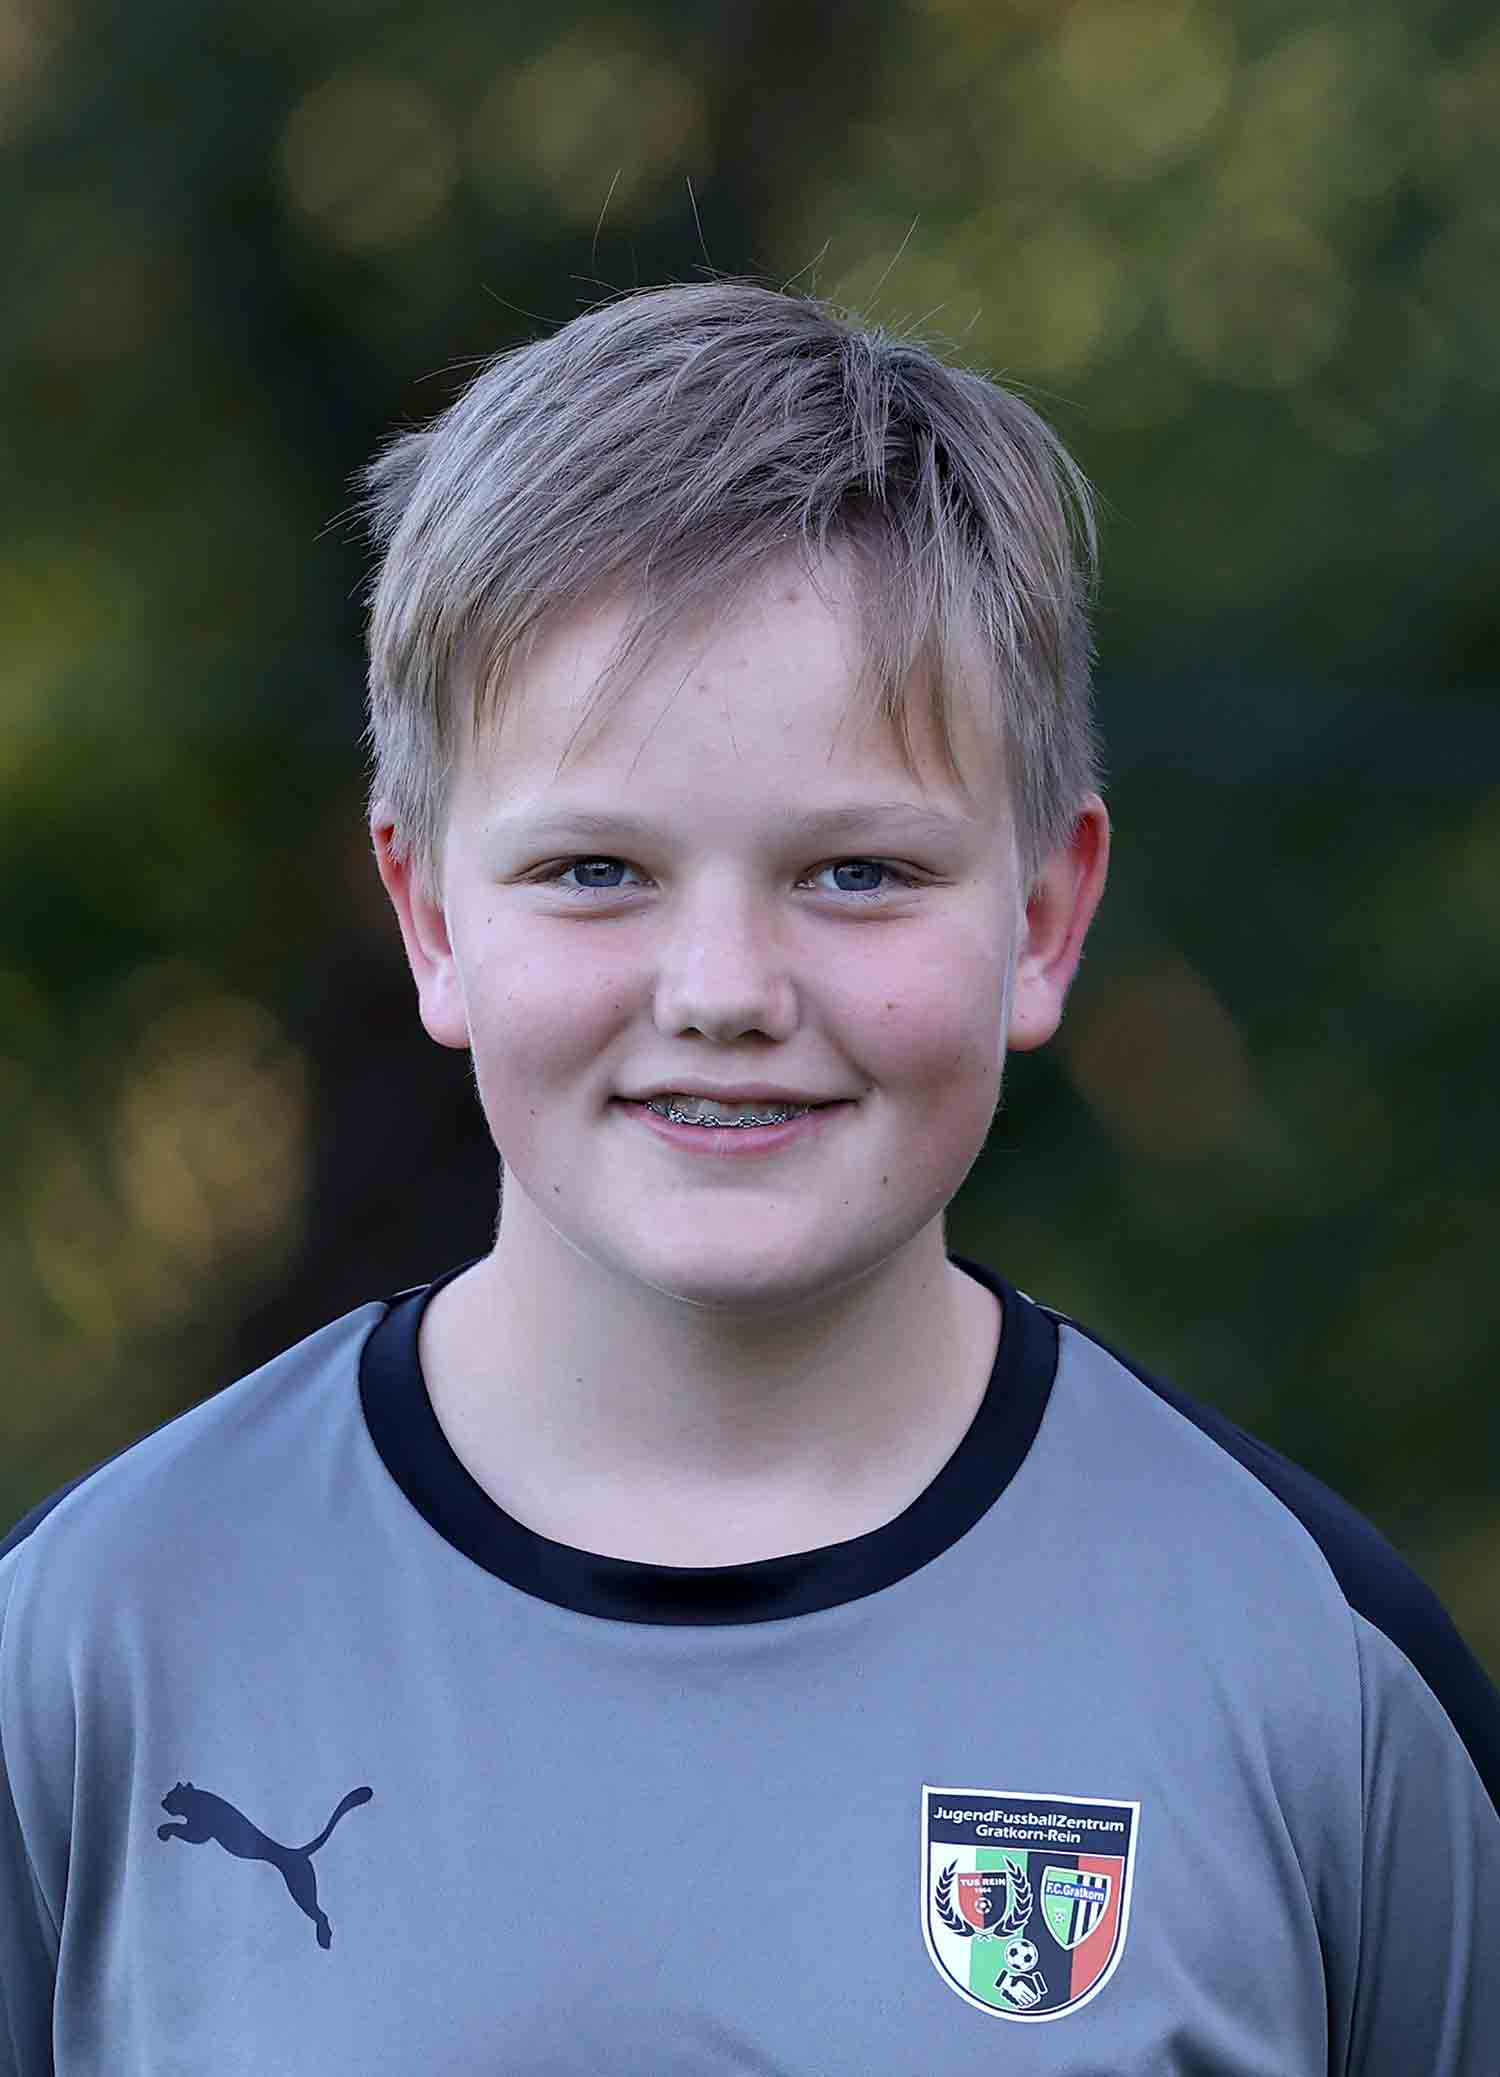 Laurenz Reisner, FC Gratkorn U15